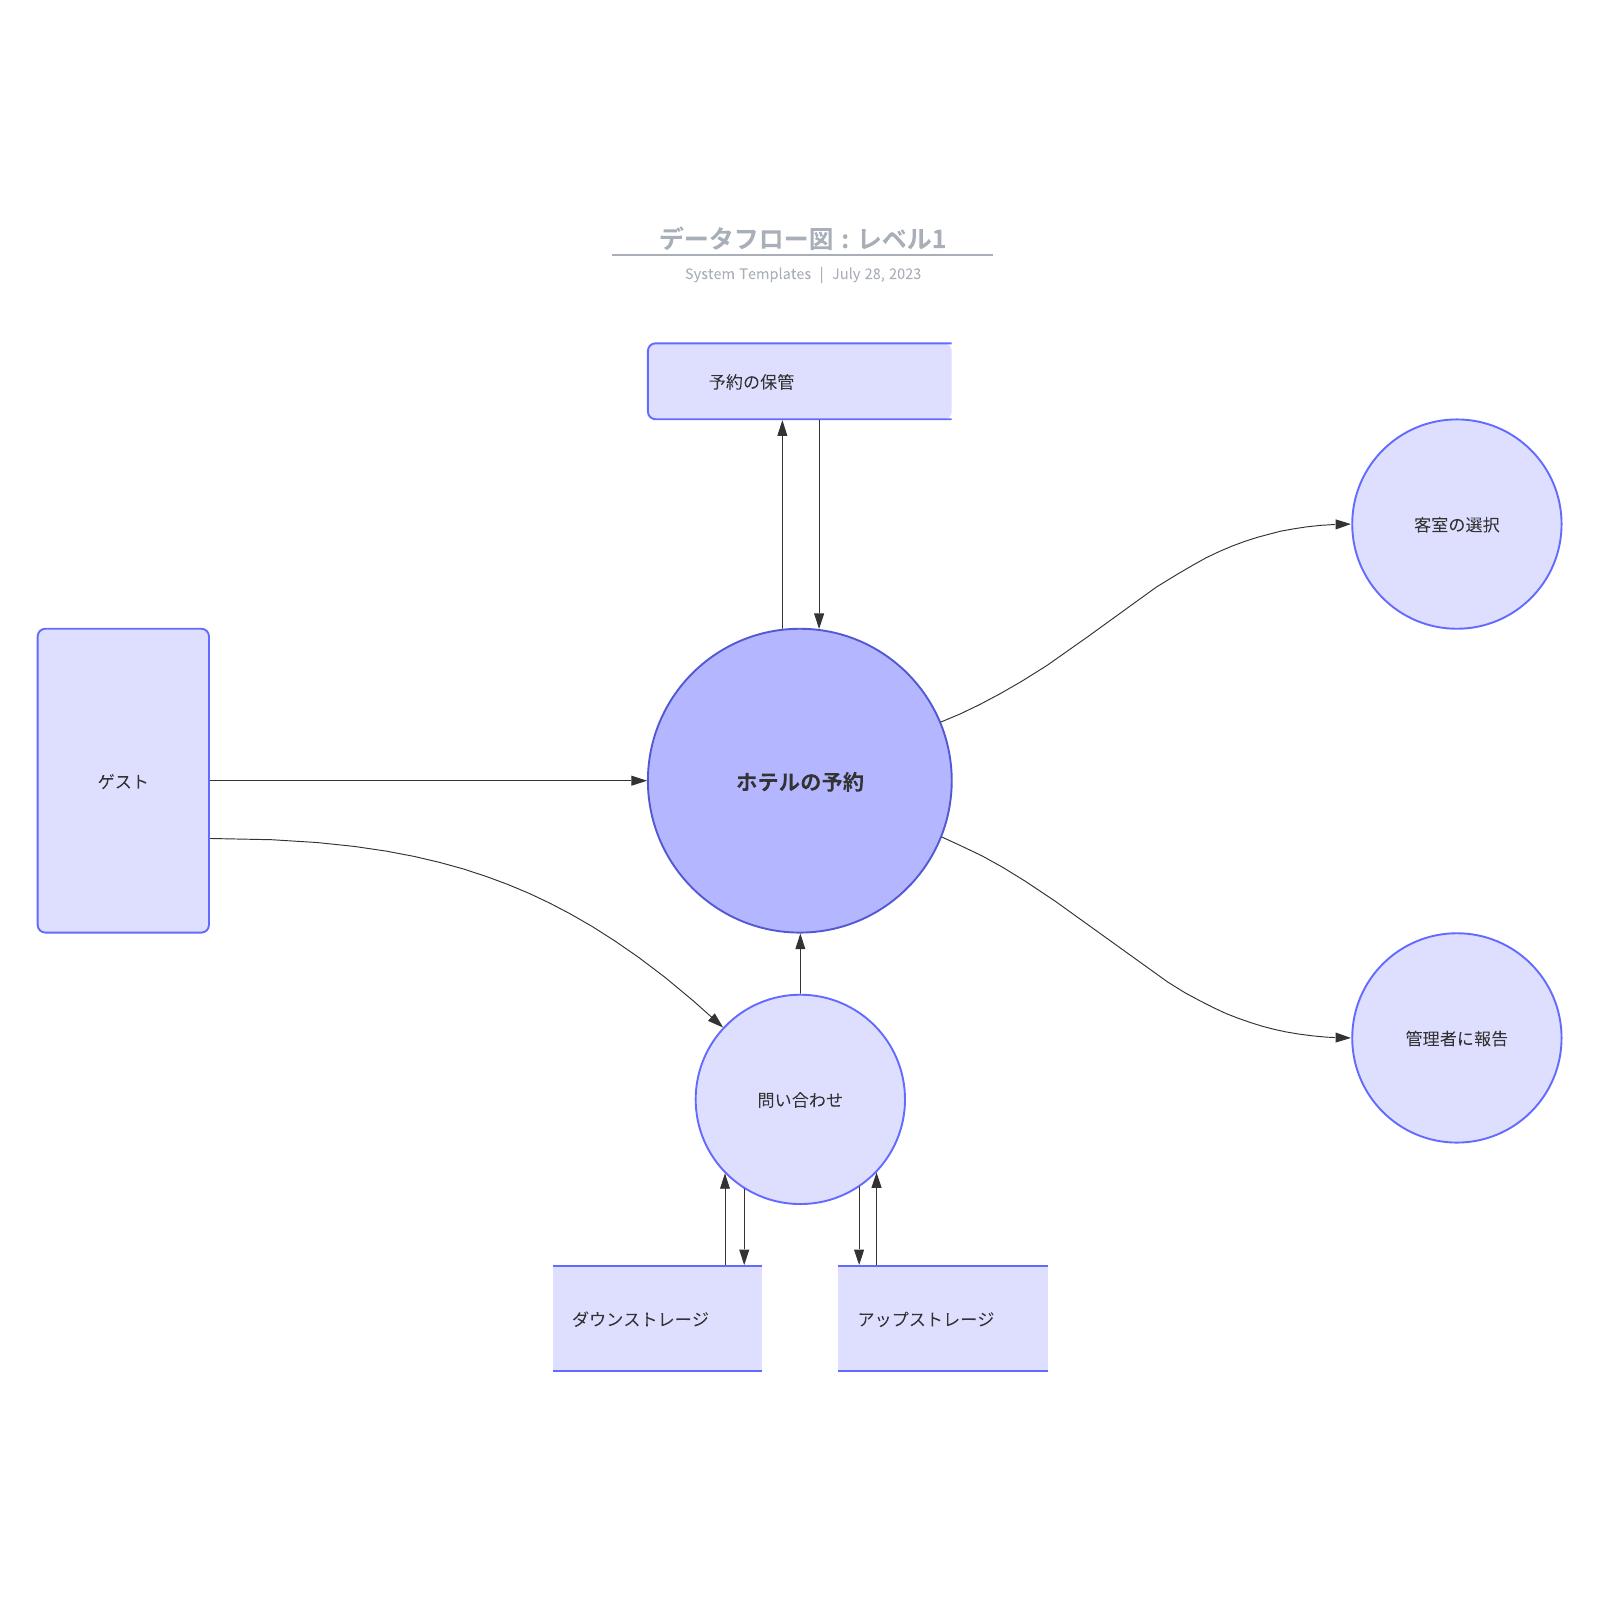 データフロー図 DFDレベル1